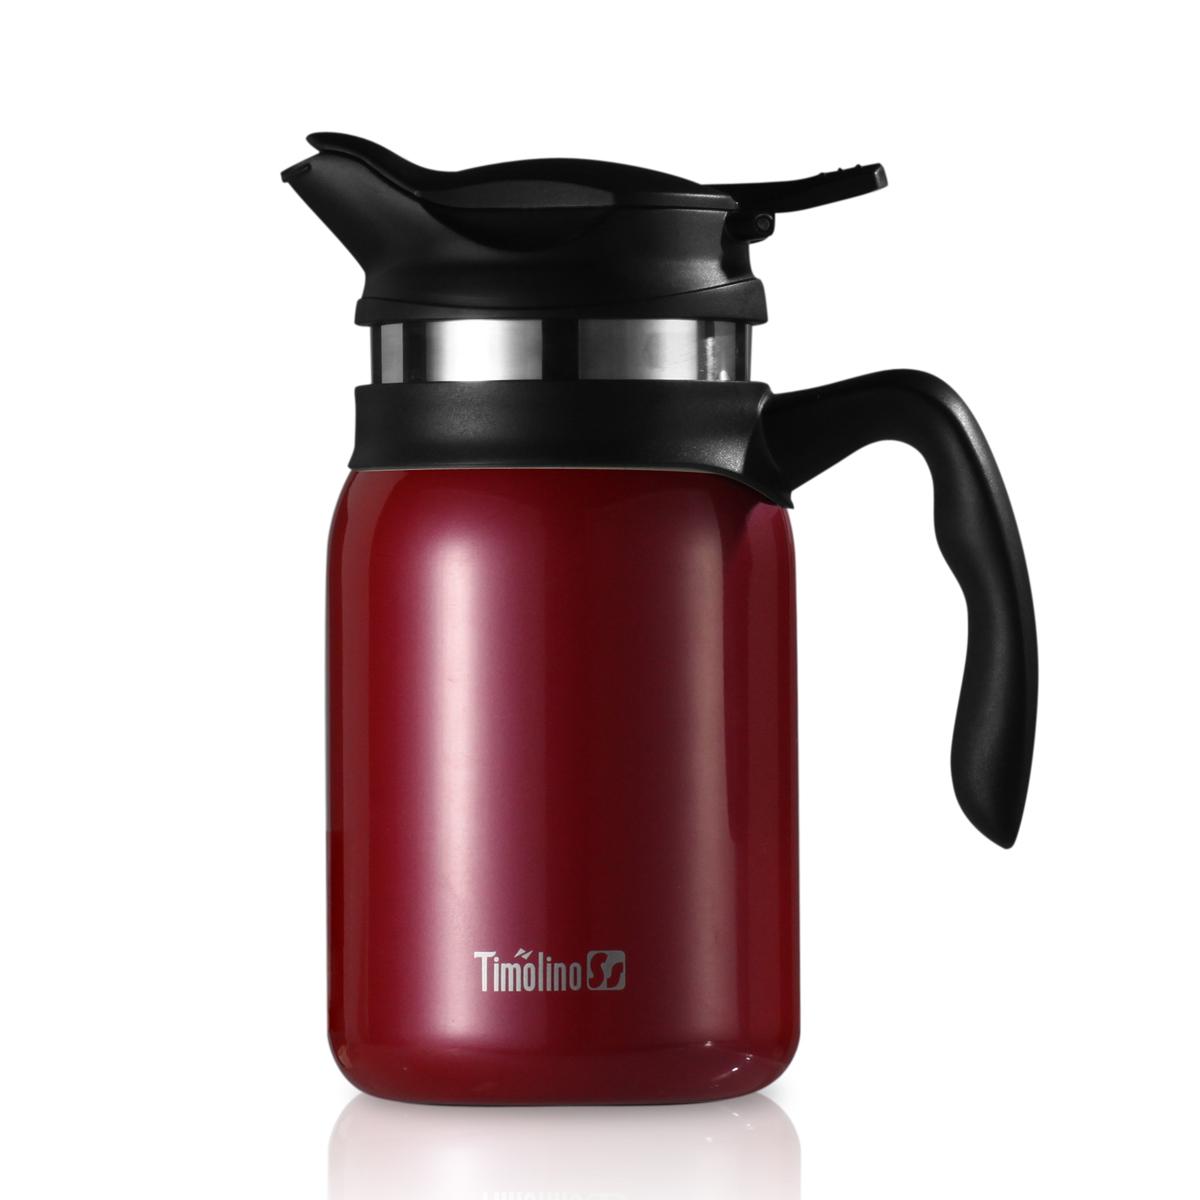 包郵 美國帝諾保溫壺杯Timolino咖啡壺過濾網辦公家用茶壺